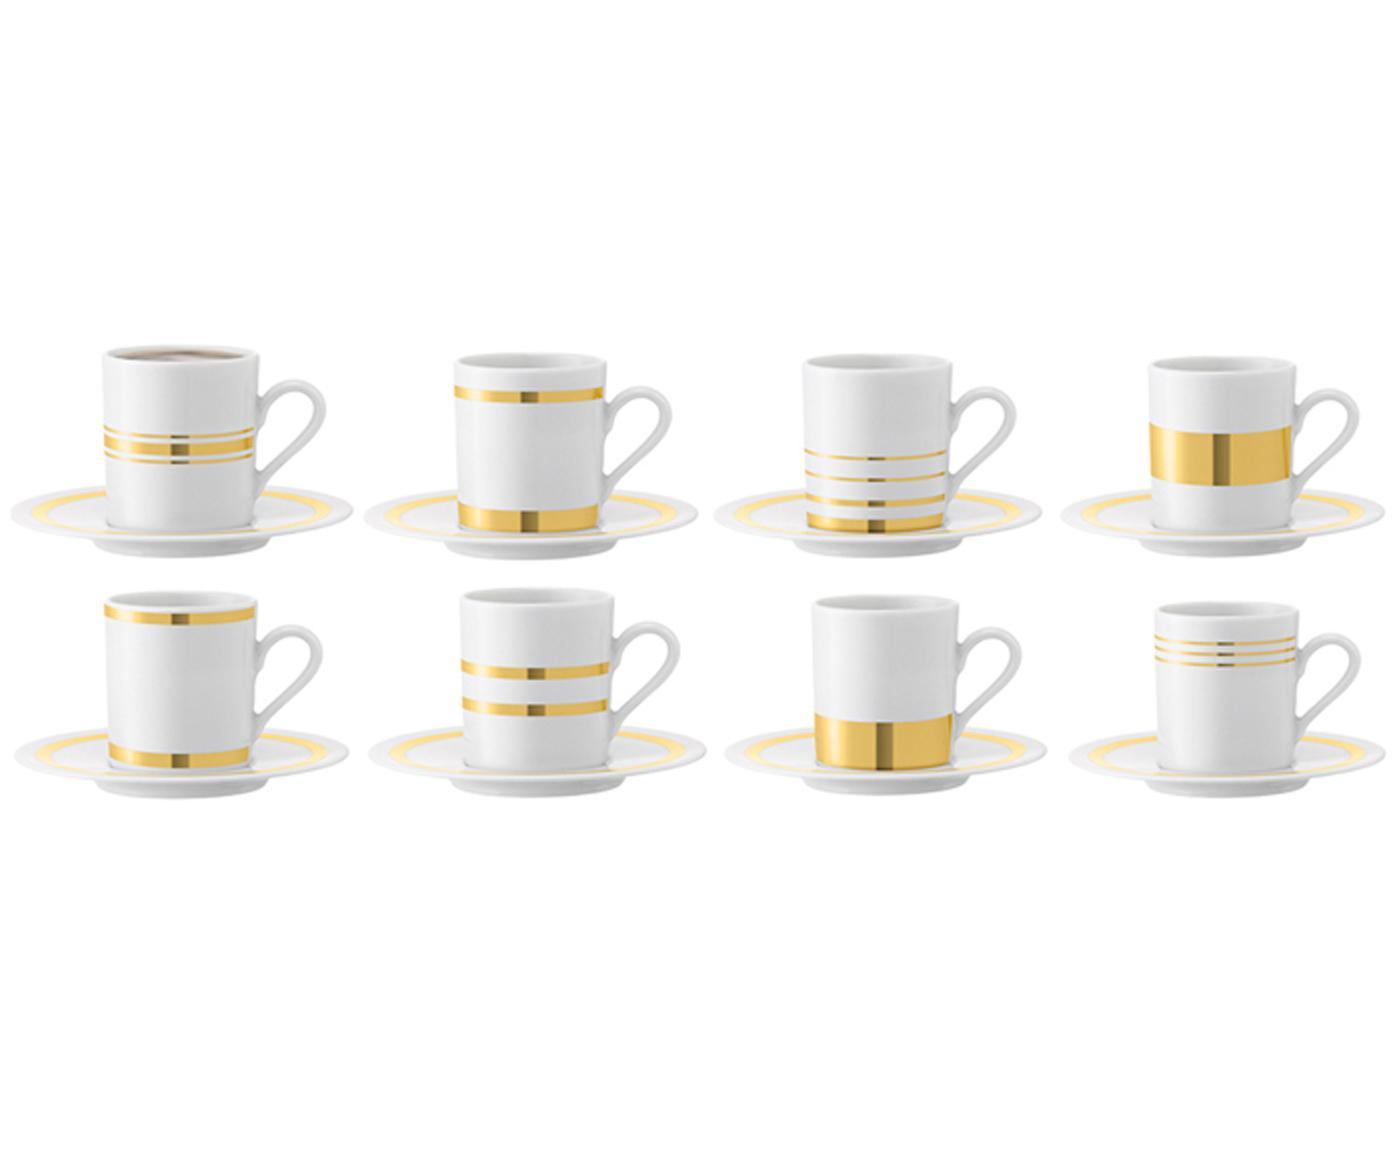 Espressotassen mit Untertassen Deco, 8 Stück, Porzellan, Weiß, Goldfarben, Ø 7 x H 7 cm